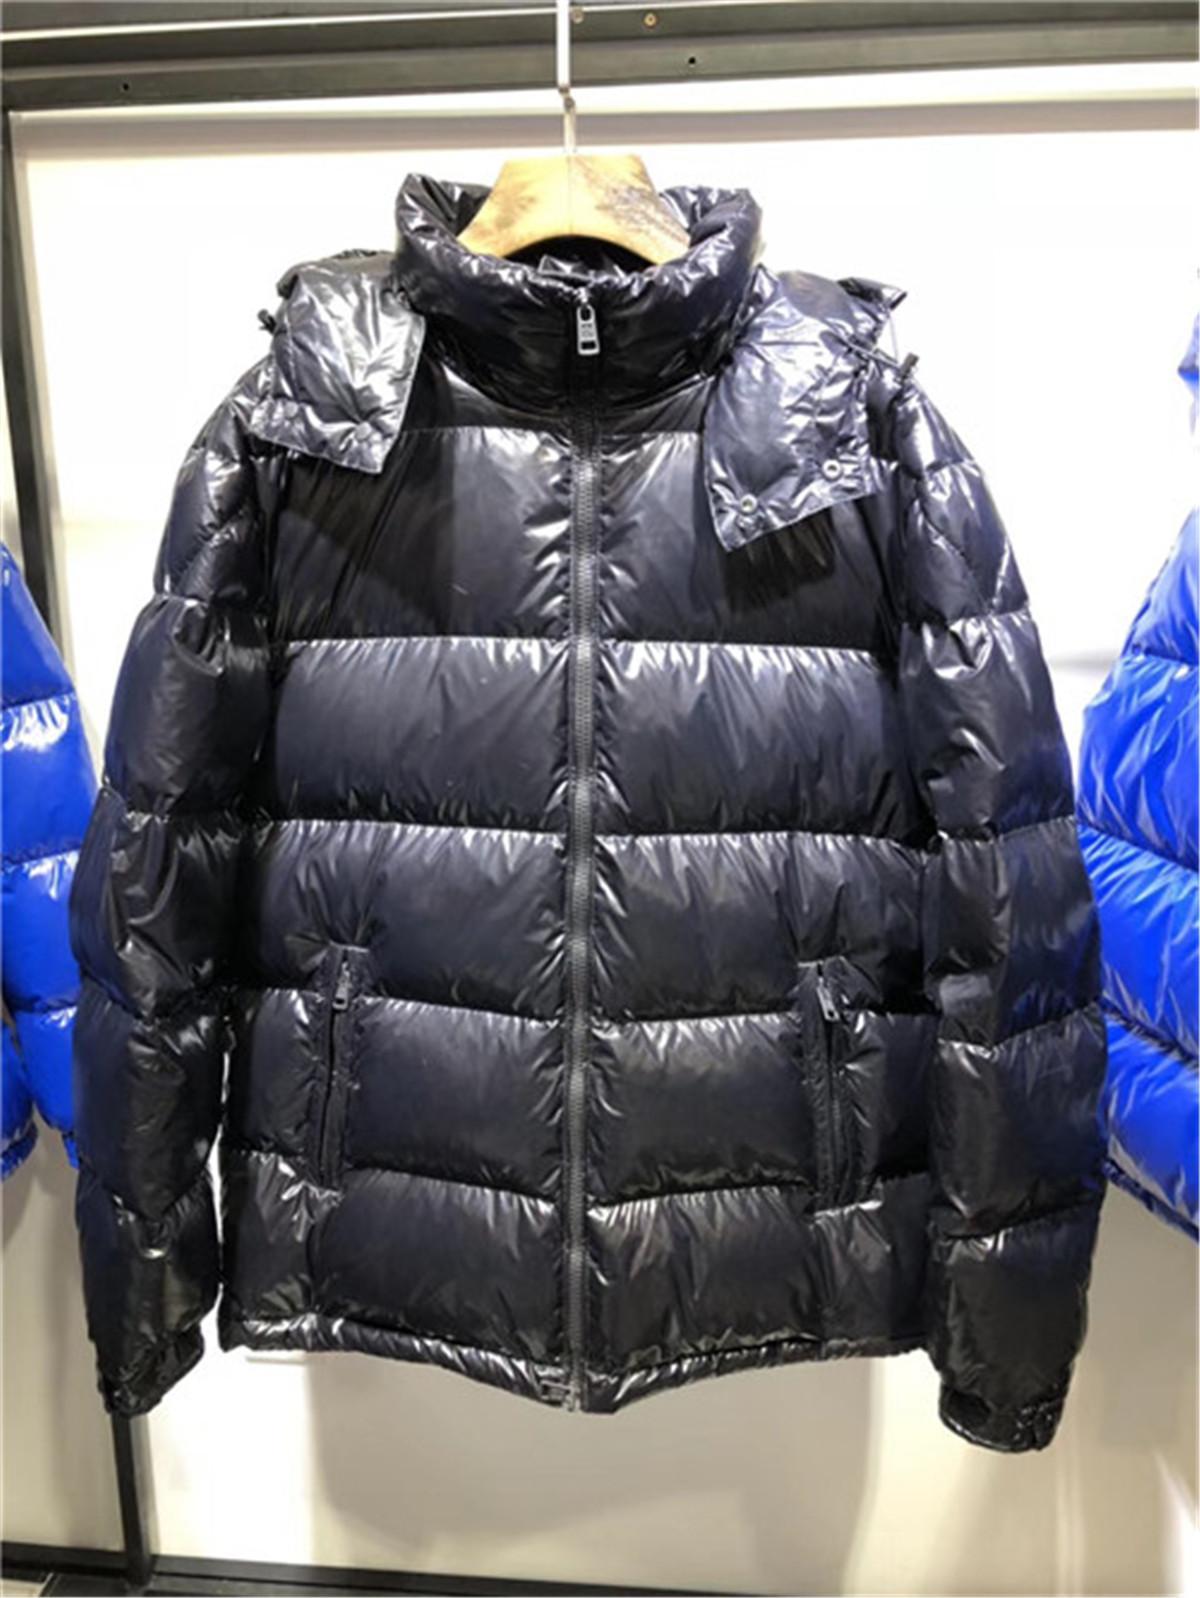 겨울 방풍 지퍼 다운 자켓 남성용 따뜻한 후드 재킷 남자 울트라 라이트 오리 다운 재킷 편지 로고 남자